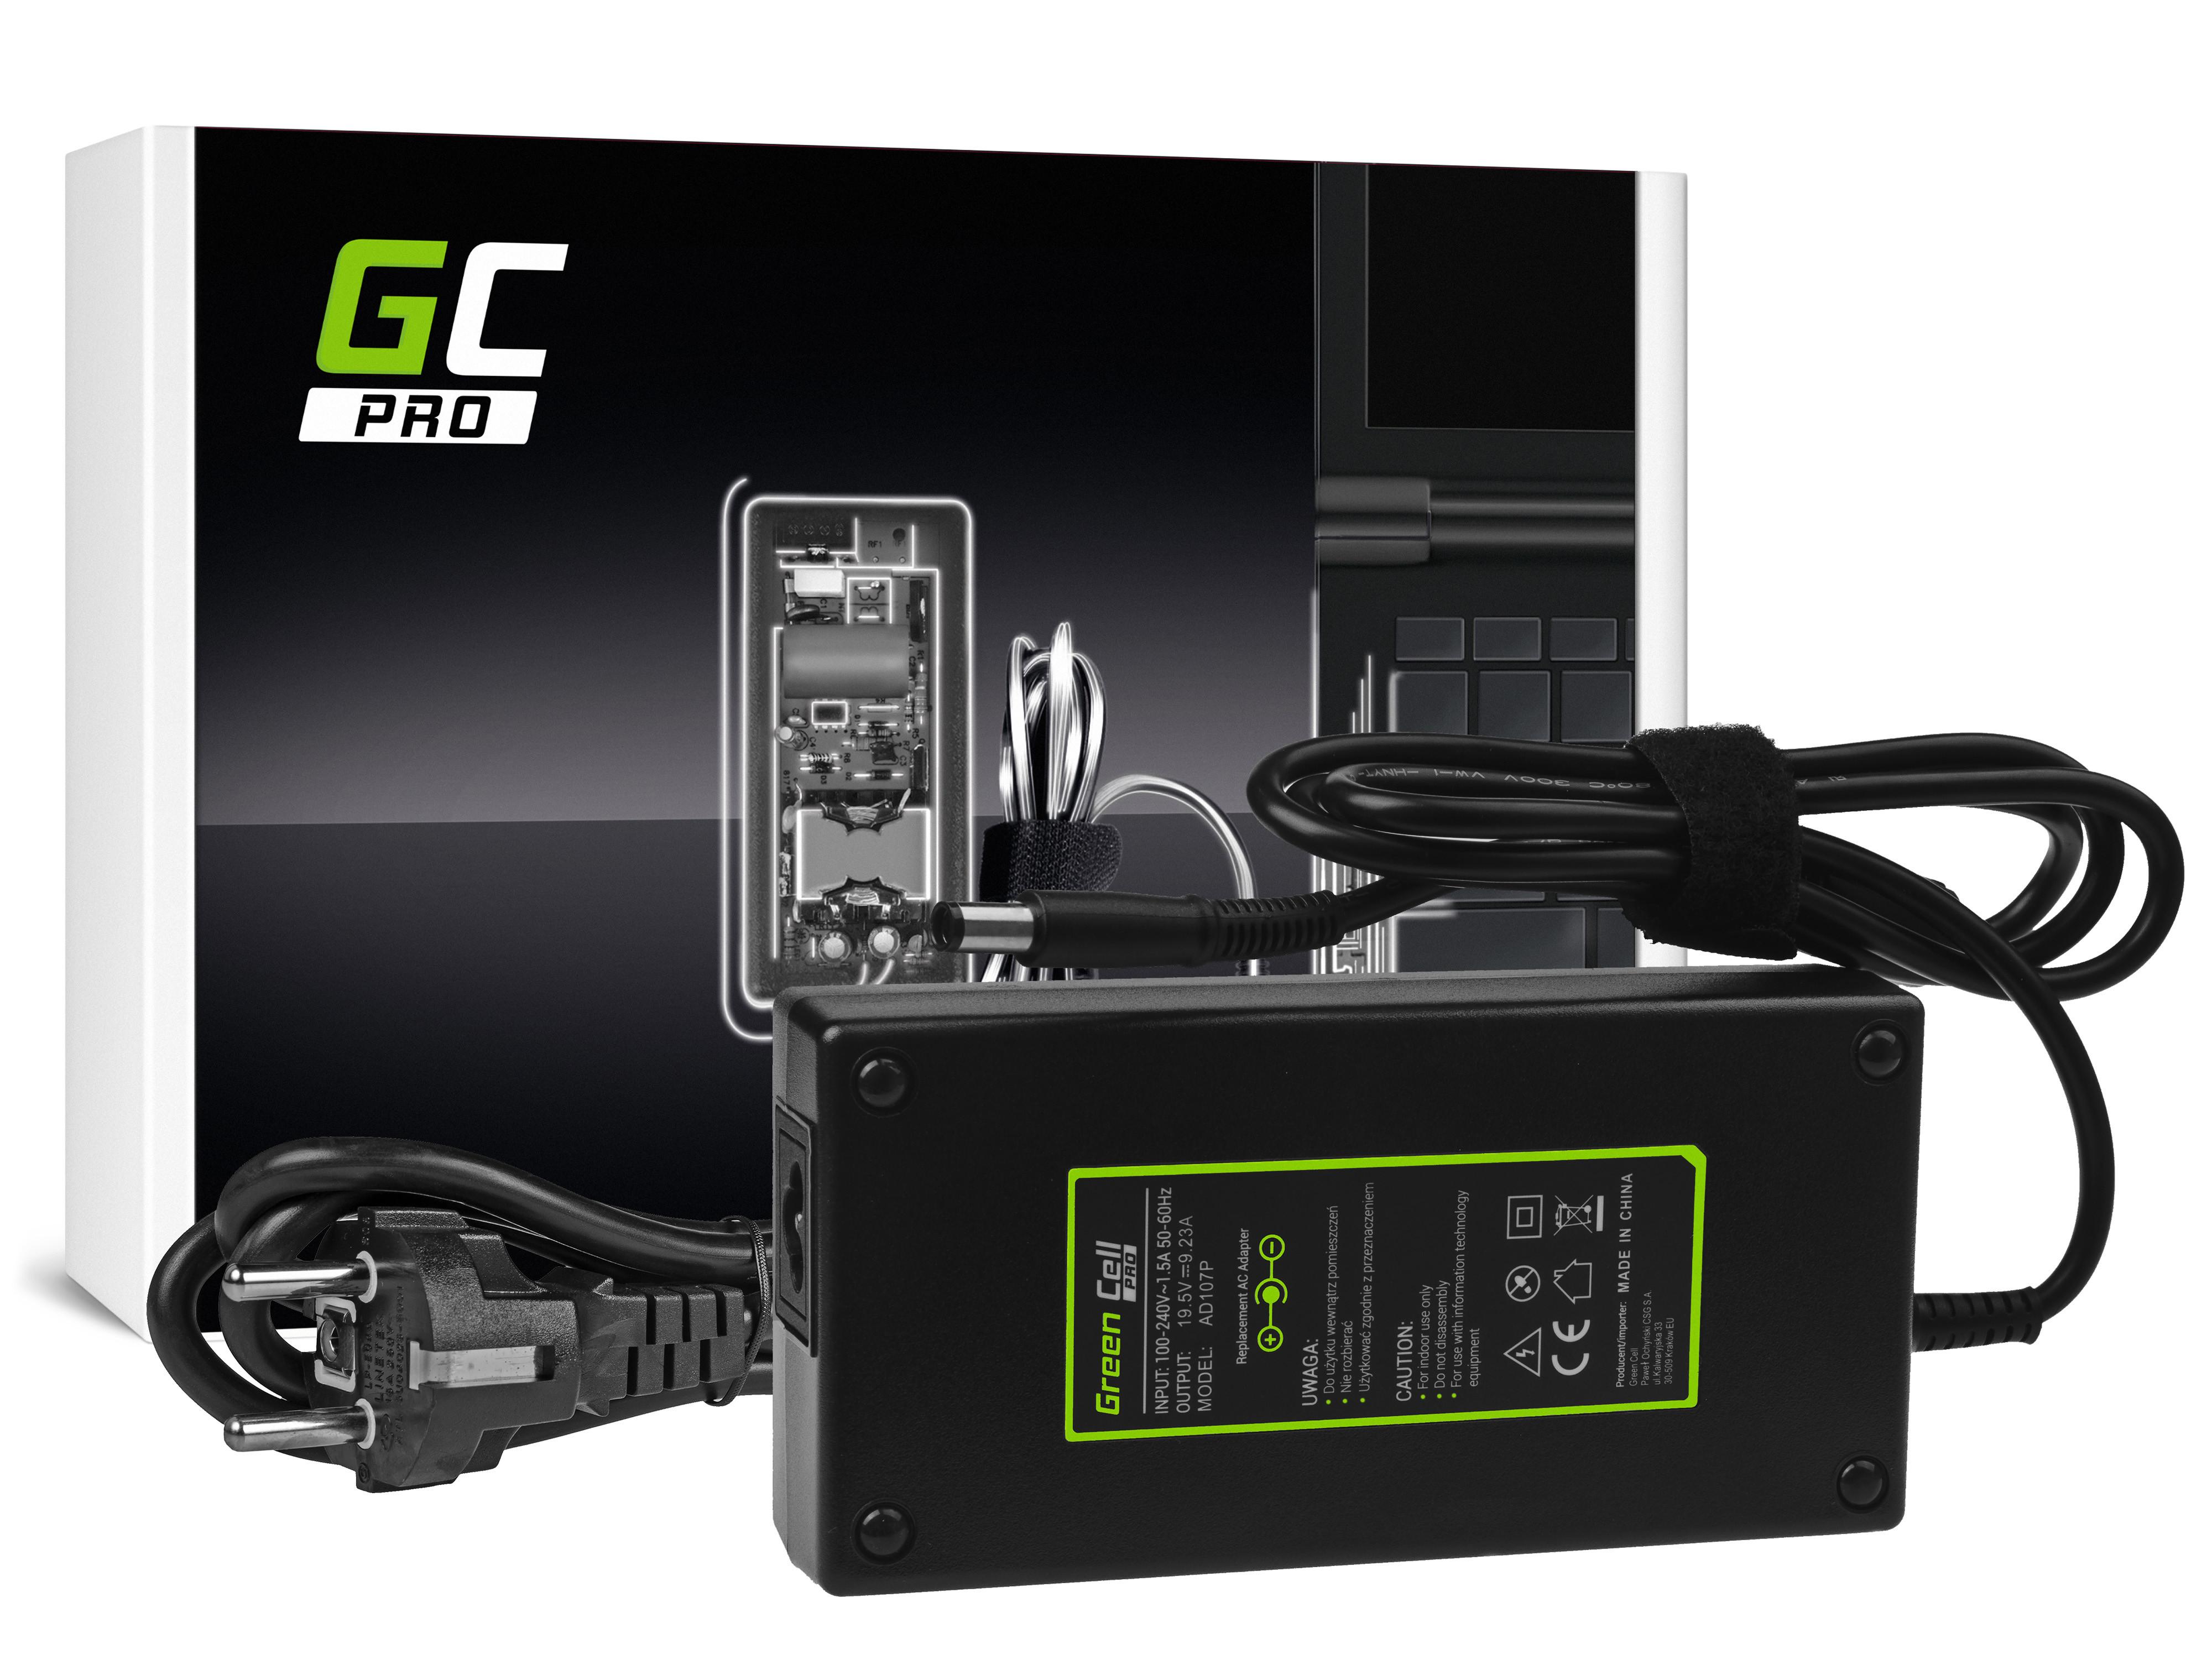 Green Cell AD107P Adaptér Nabíječka Dell Latitude E5510 E7240 E7440 Alienware 13 14 15 M14x M15x R1 R2 R3 19.5V 9.23A 180W